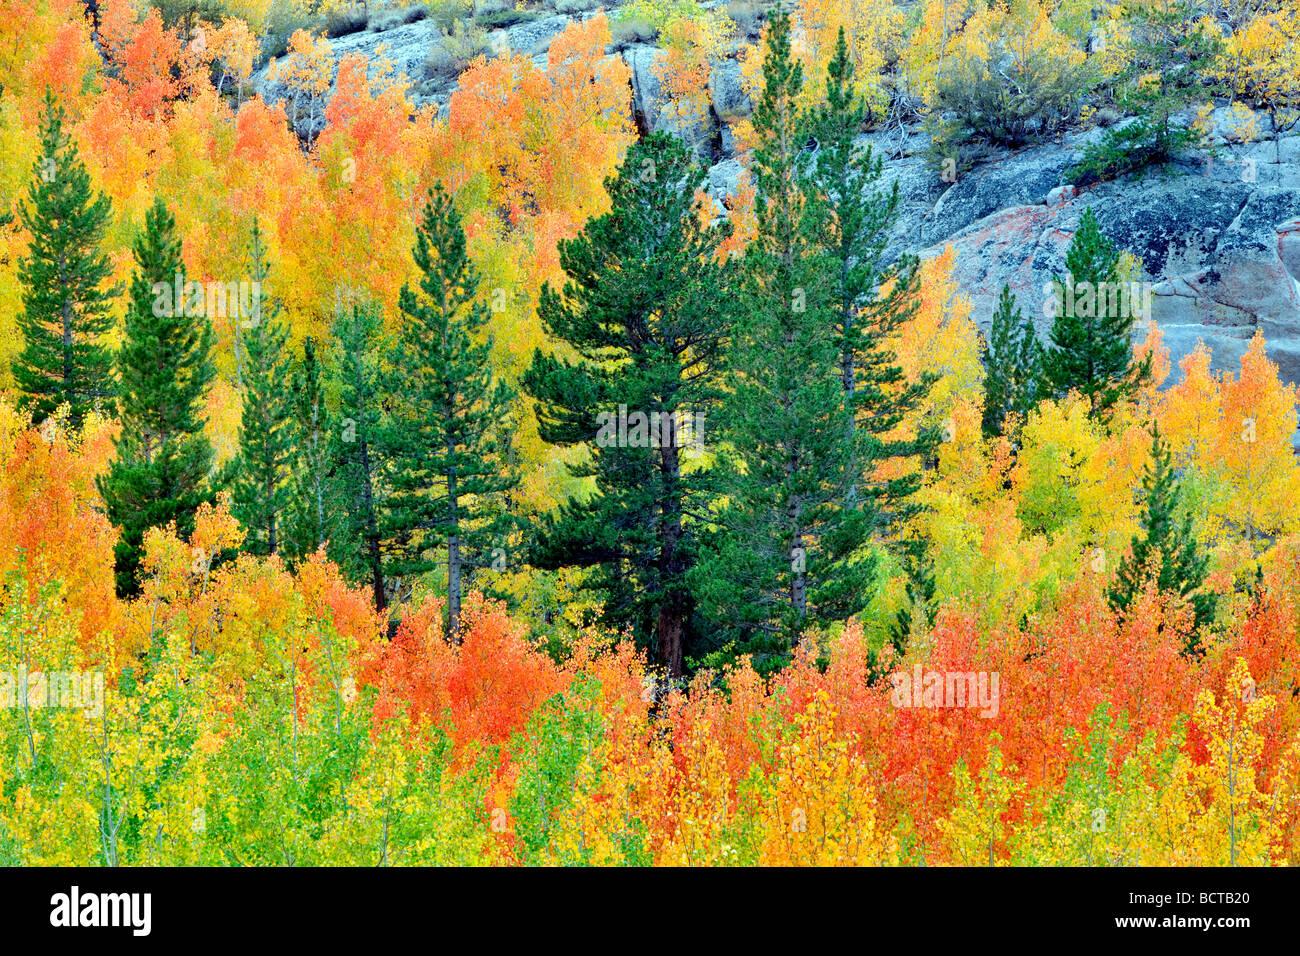 Mischwald der Espen im Herbst Farben und Tannen Inyo National Forest Kalifornien Stockbild